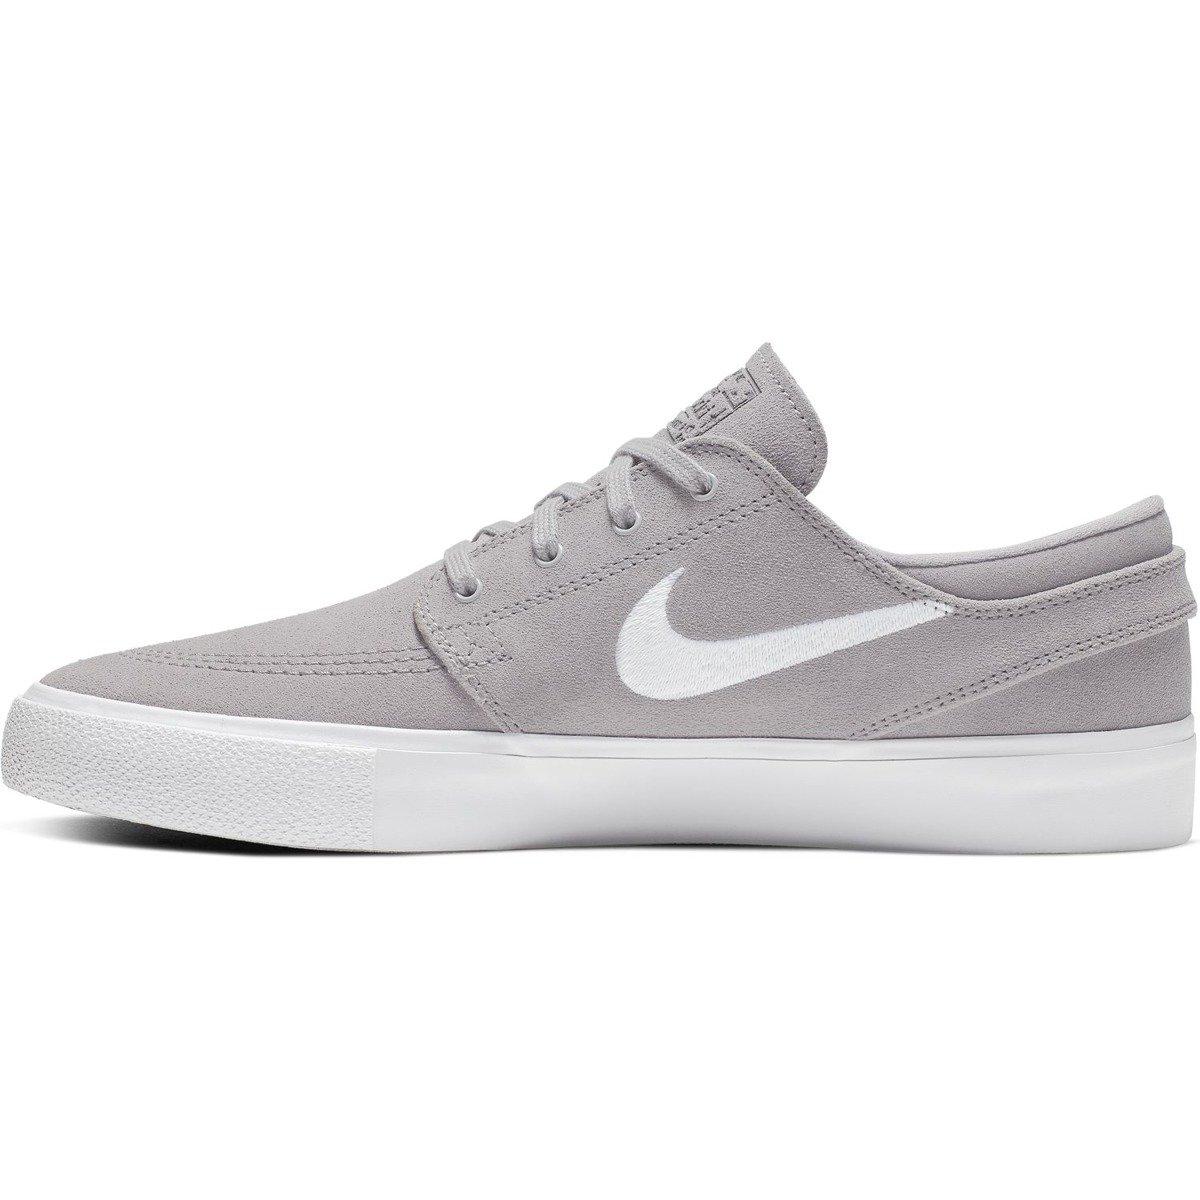 Buty Nike Sb Zoom Stefan Janoski RM Atmosphere Greywhite dark Grey